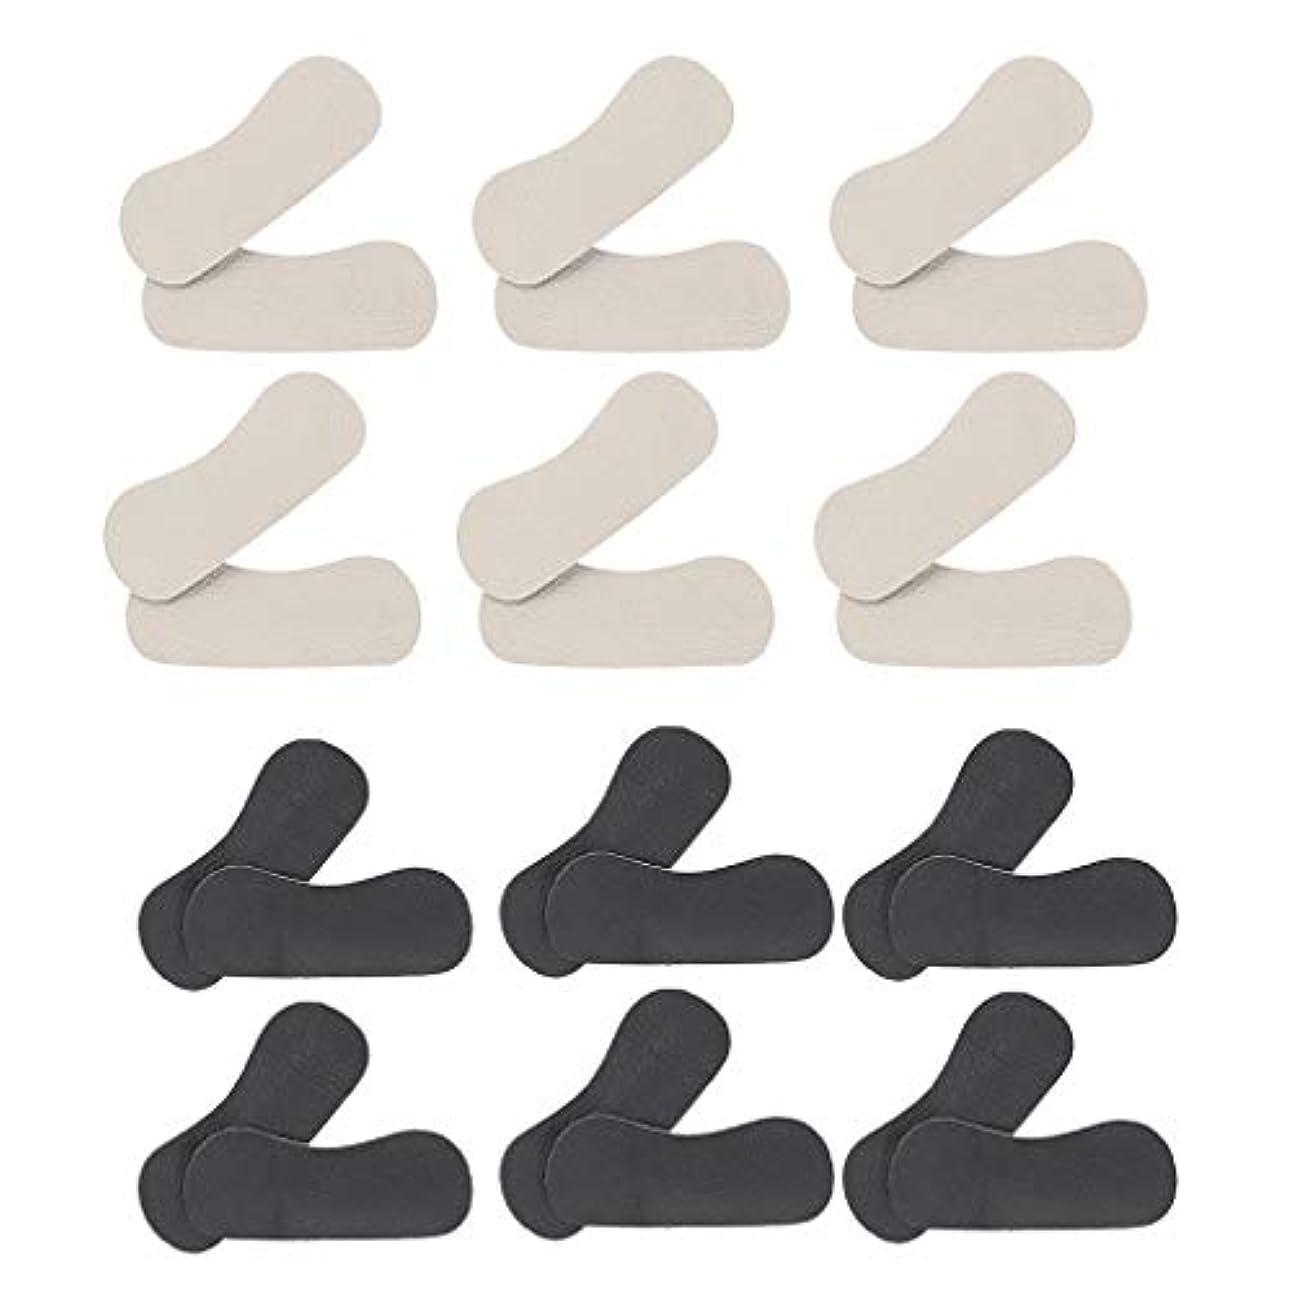 ルールエゴイズム慢なdailymall 靴擦れ防止 かかと パッドクッション かかとパッド フットケア プロテクター 滑り止め